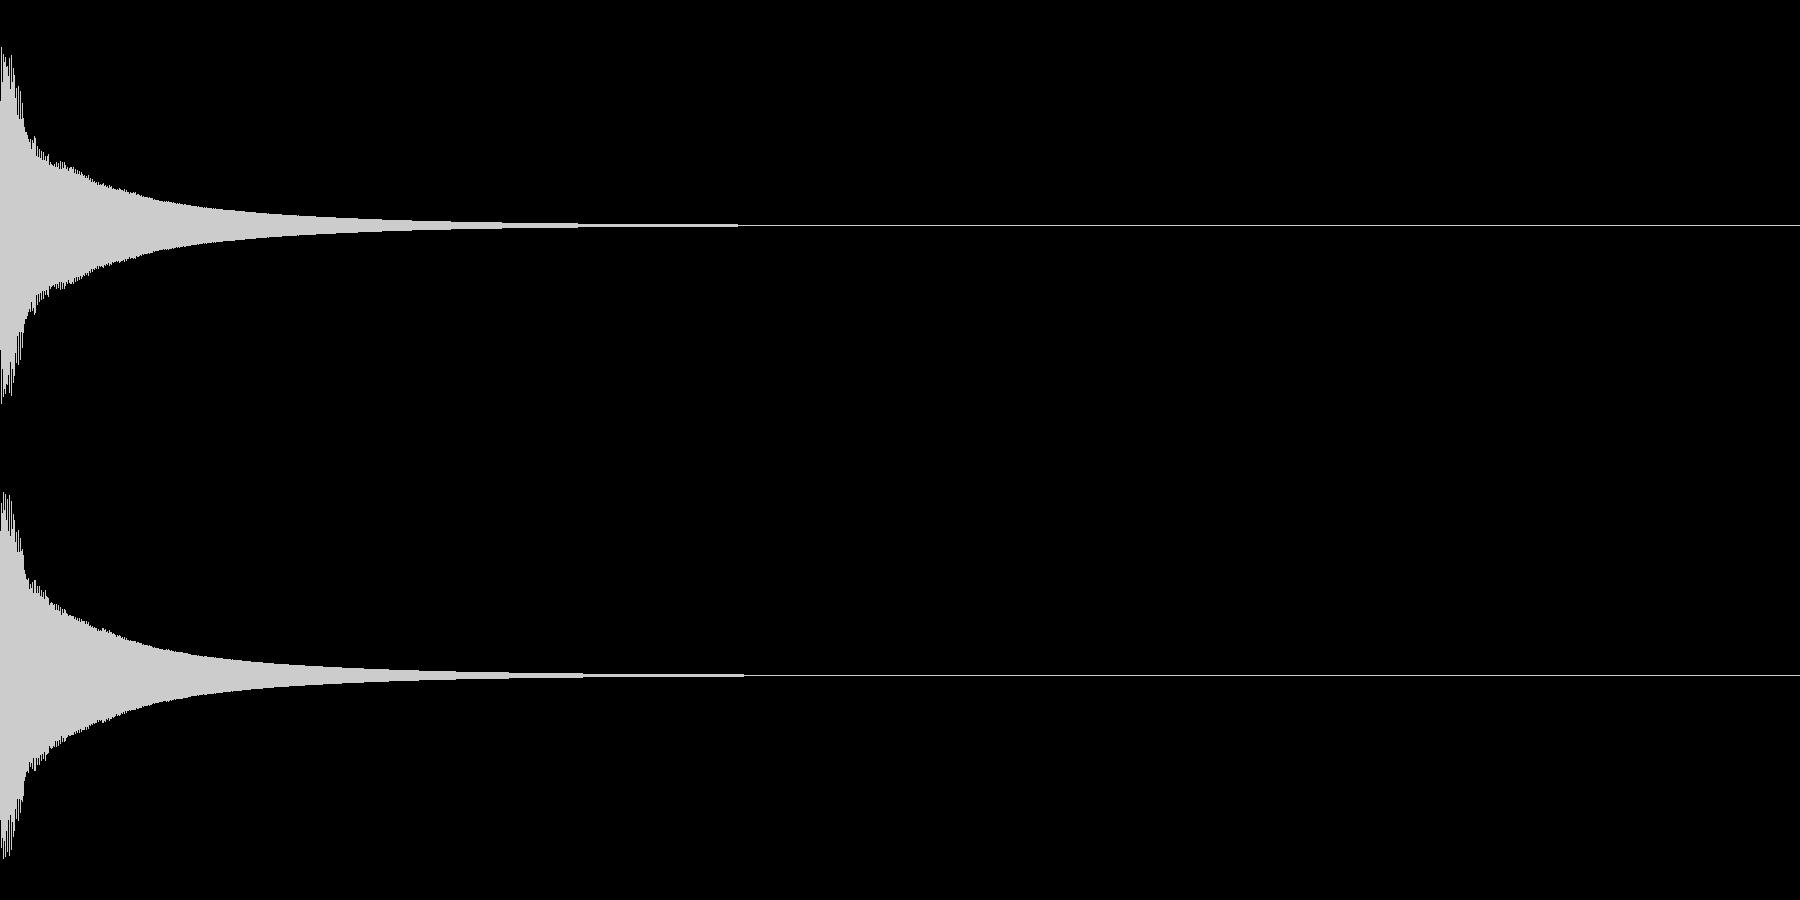 キンッ(鉦吾の音)の未再生の波形